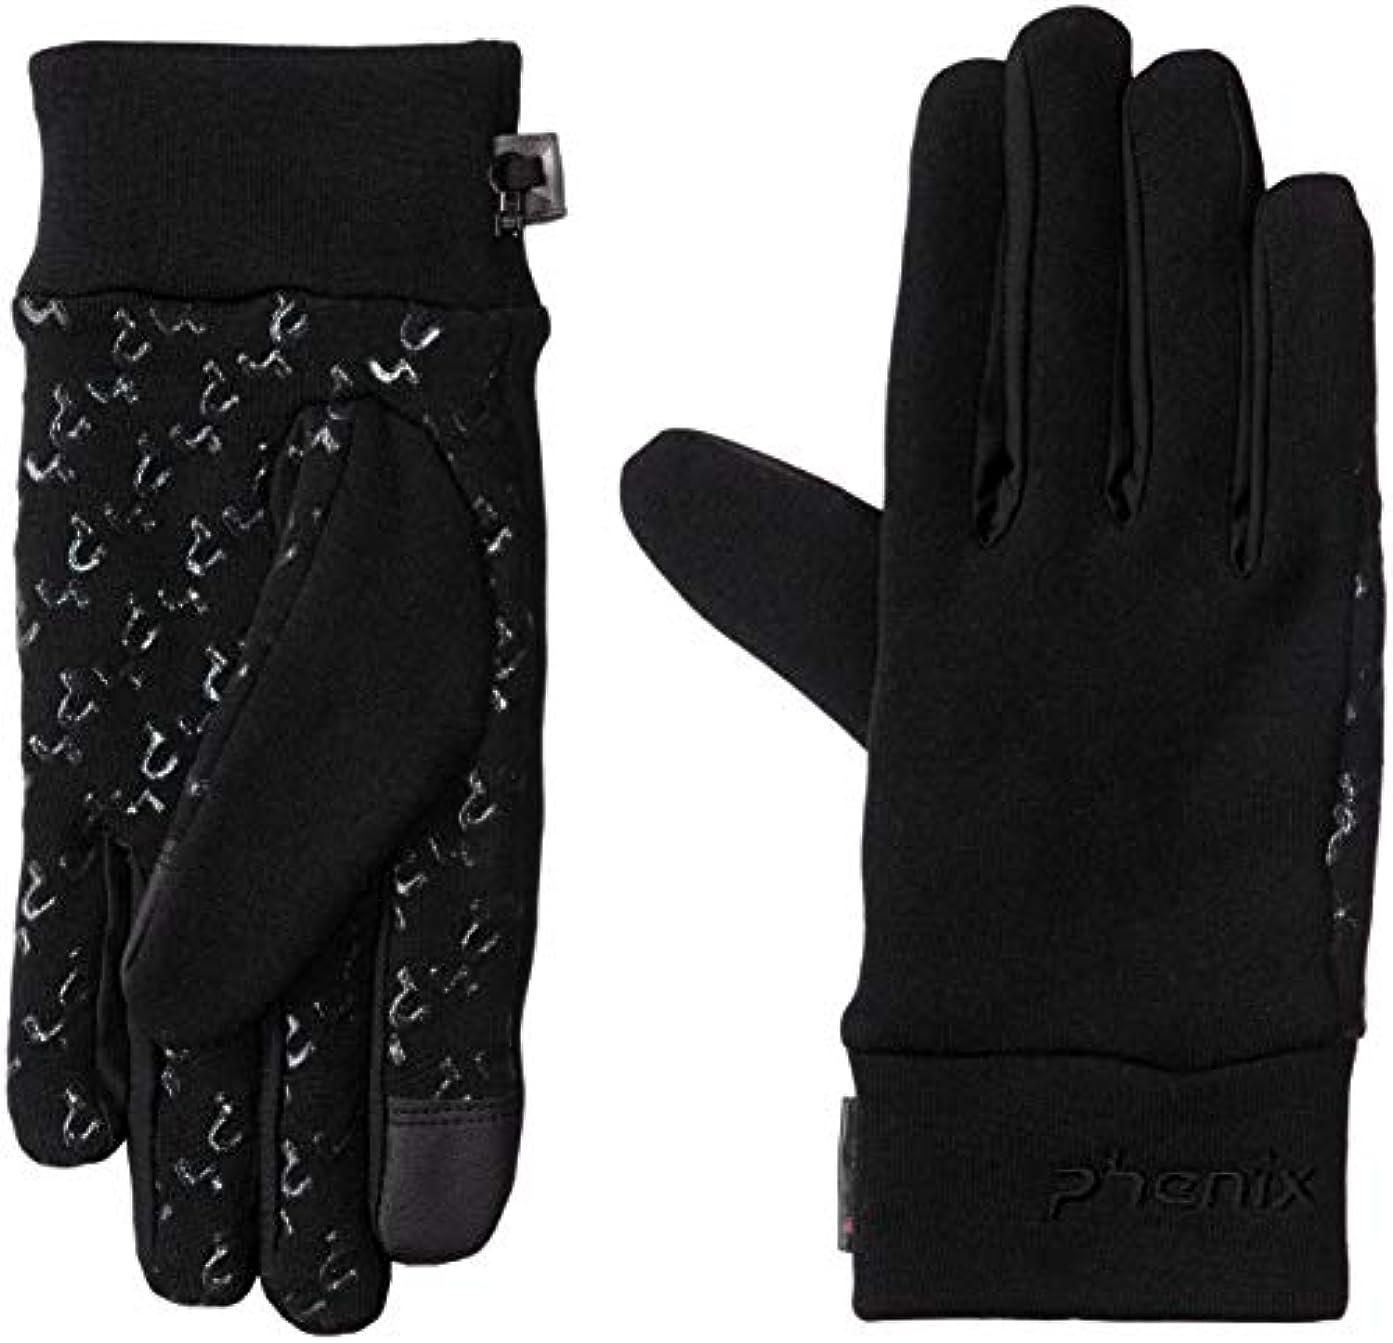 技術的なピーブエンゲージメント[フェニックス] 手袋 グローブ Gripper Gloves PH858GL20